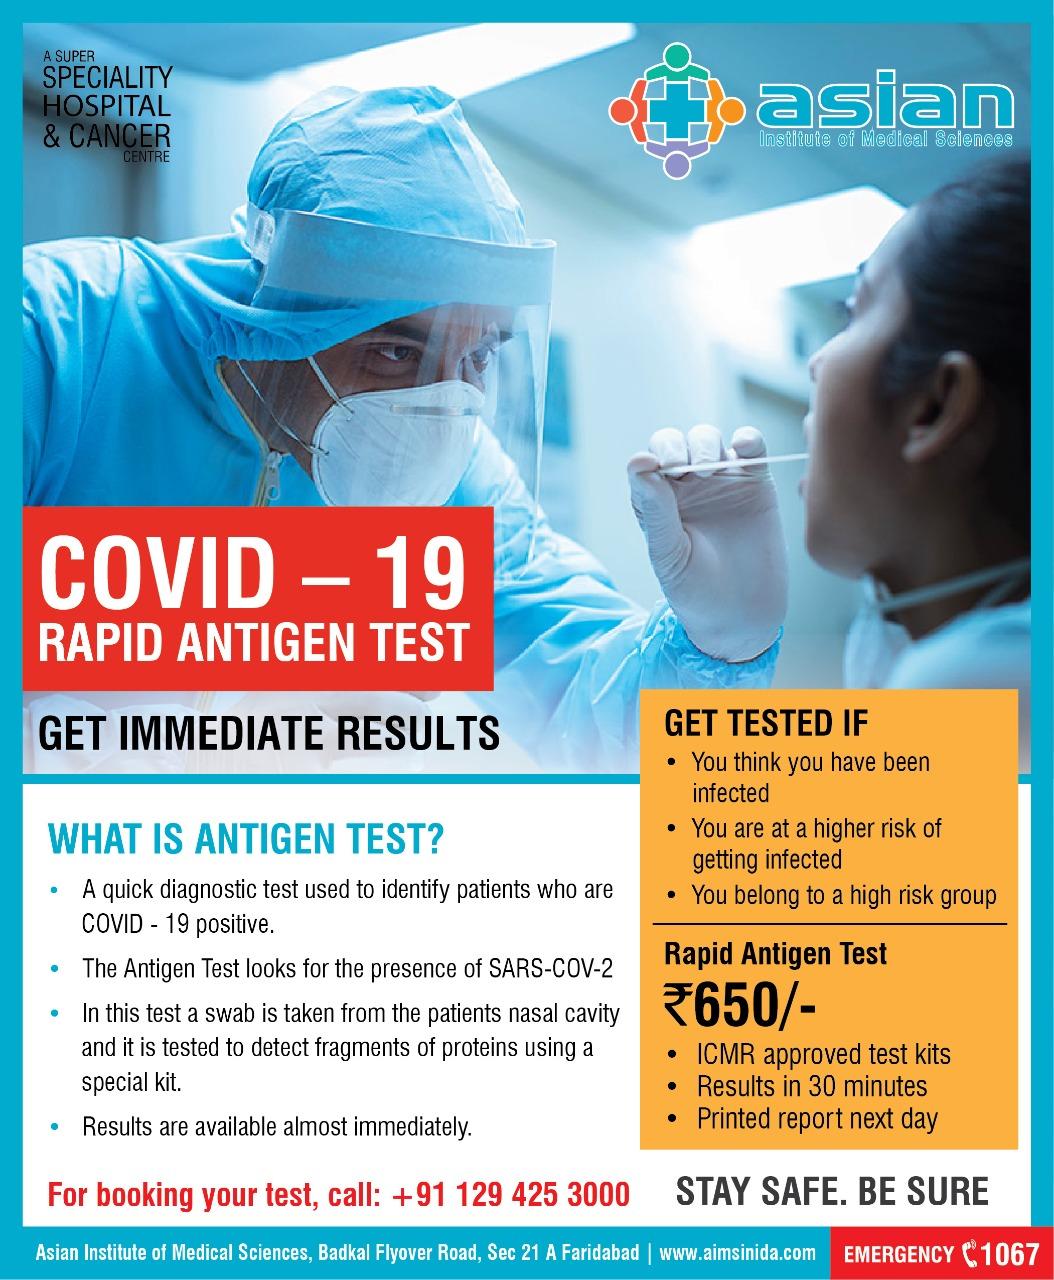 Rapid Antigen